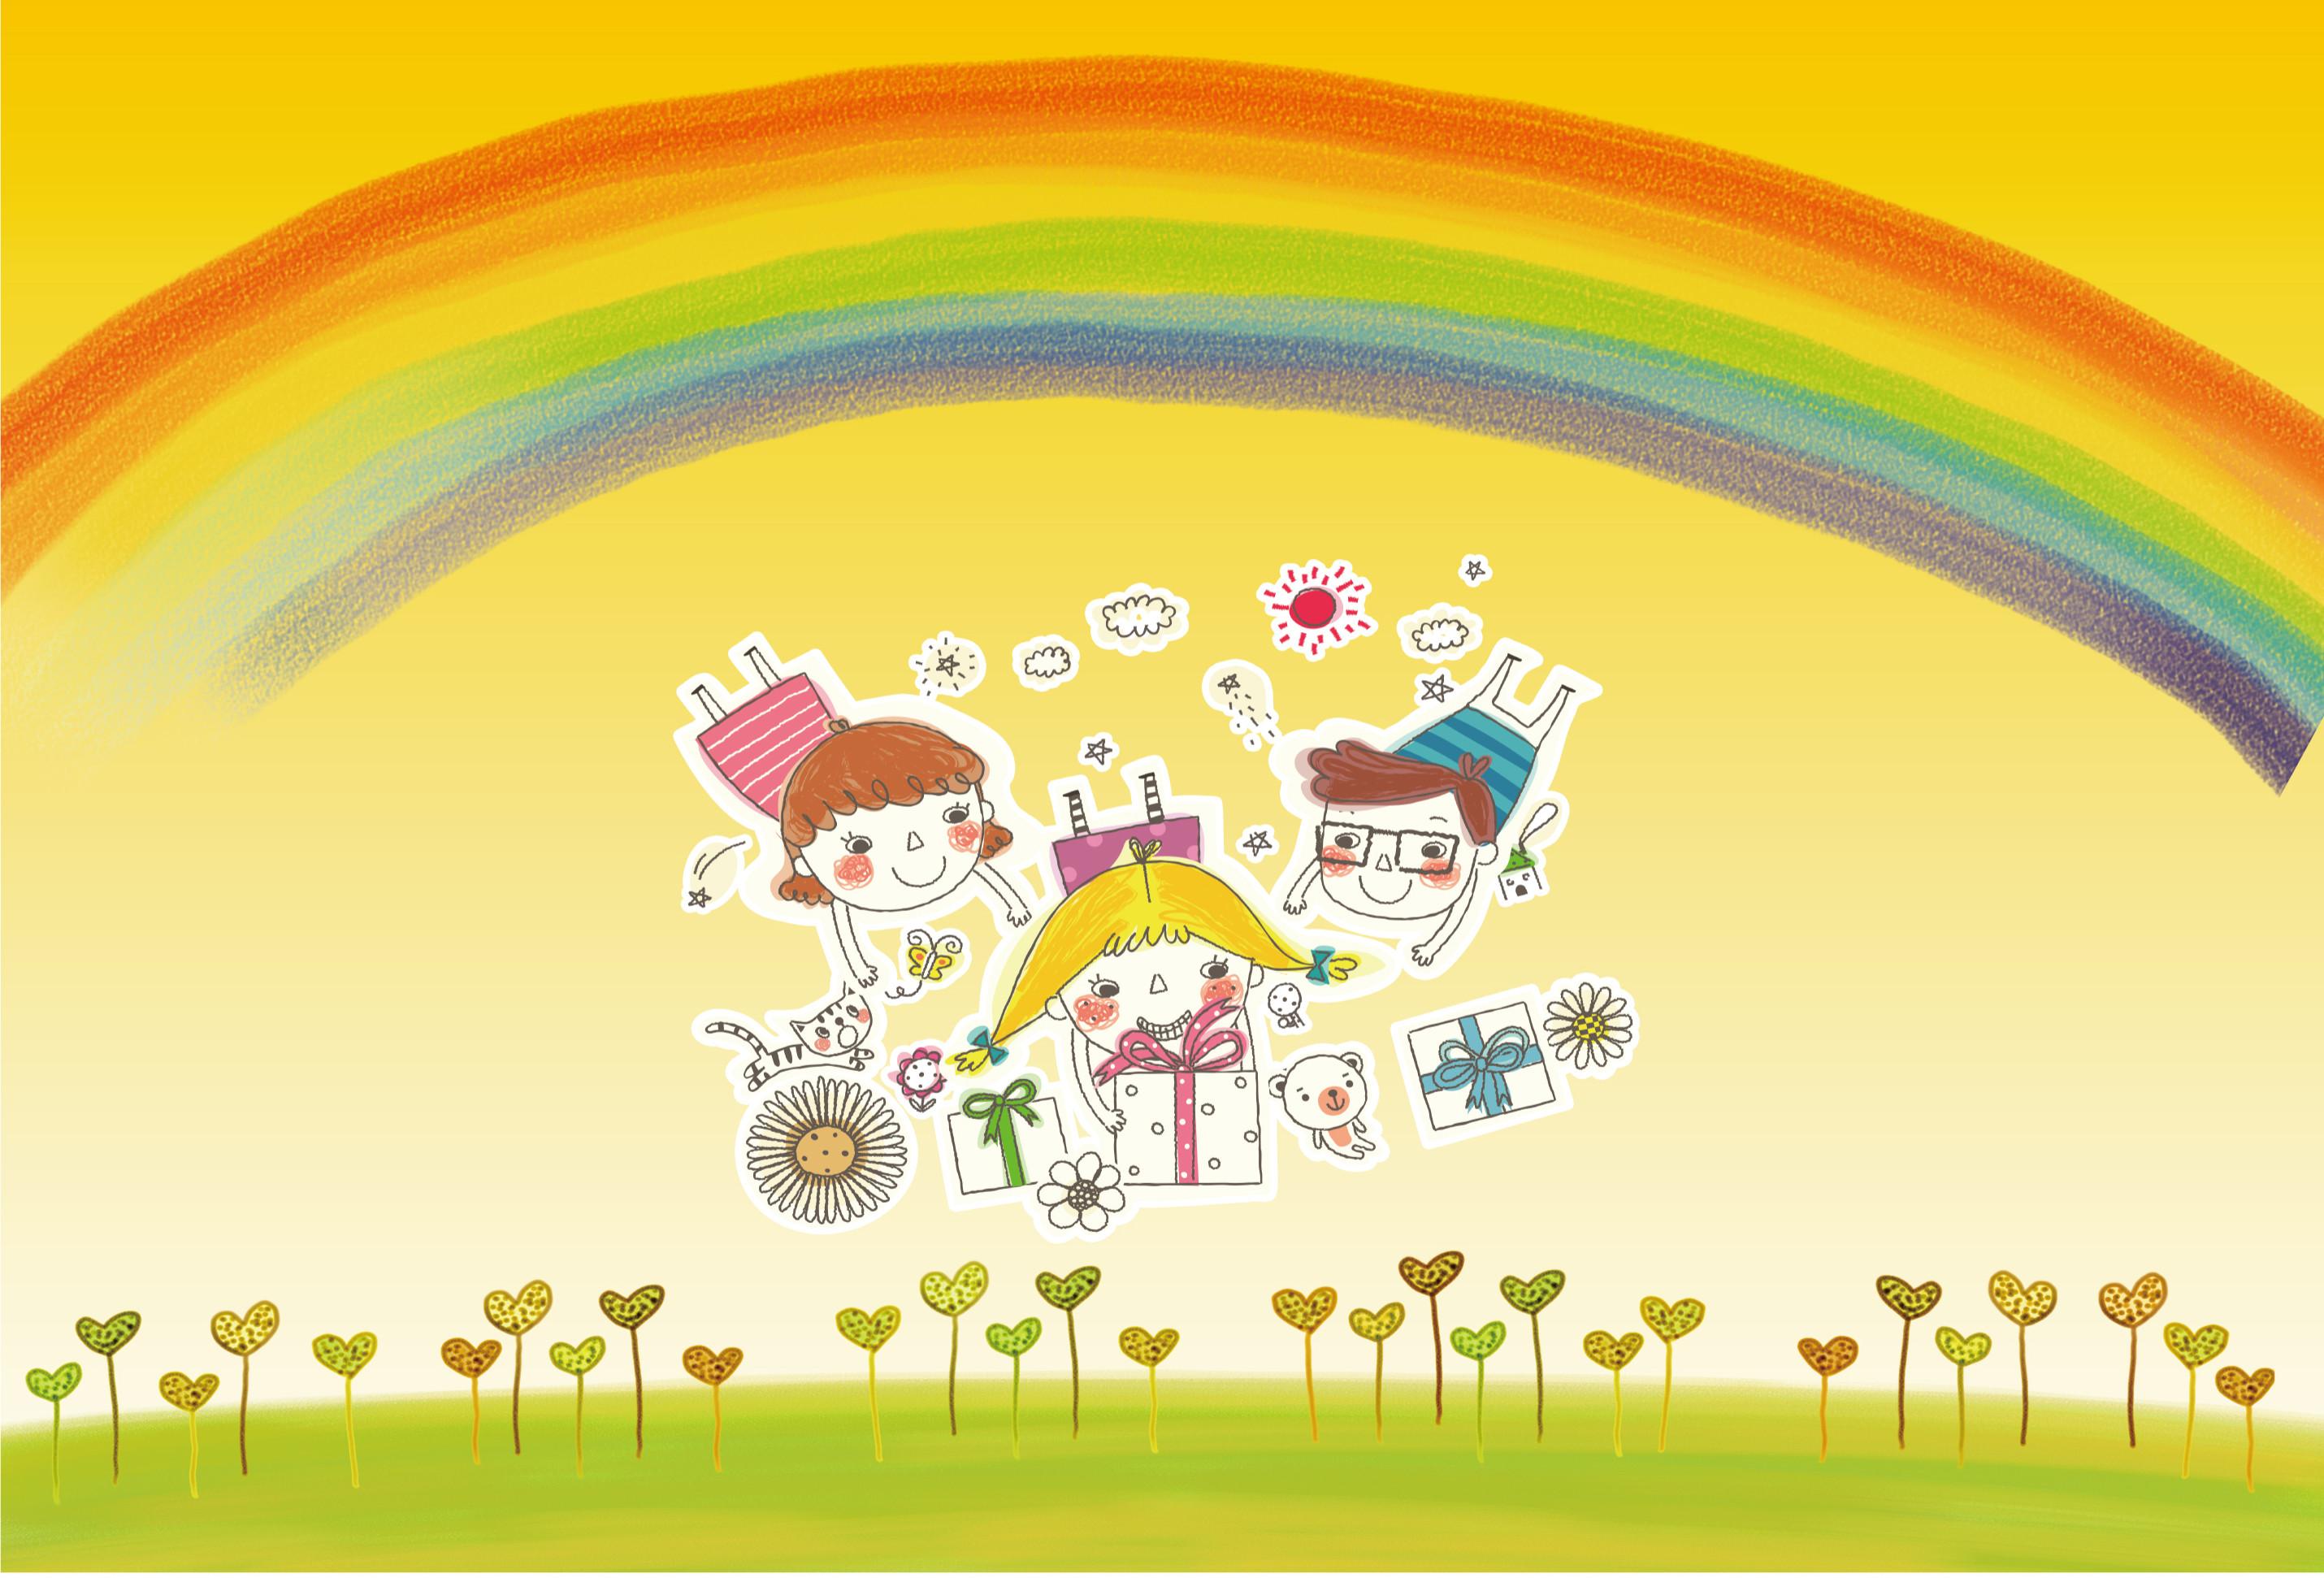 幼儿园幼儿班级风采设计图片展示